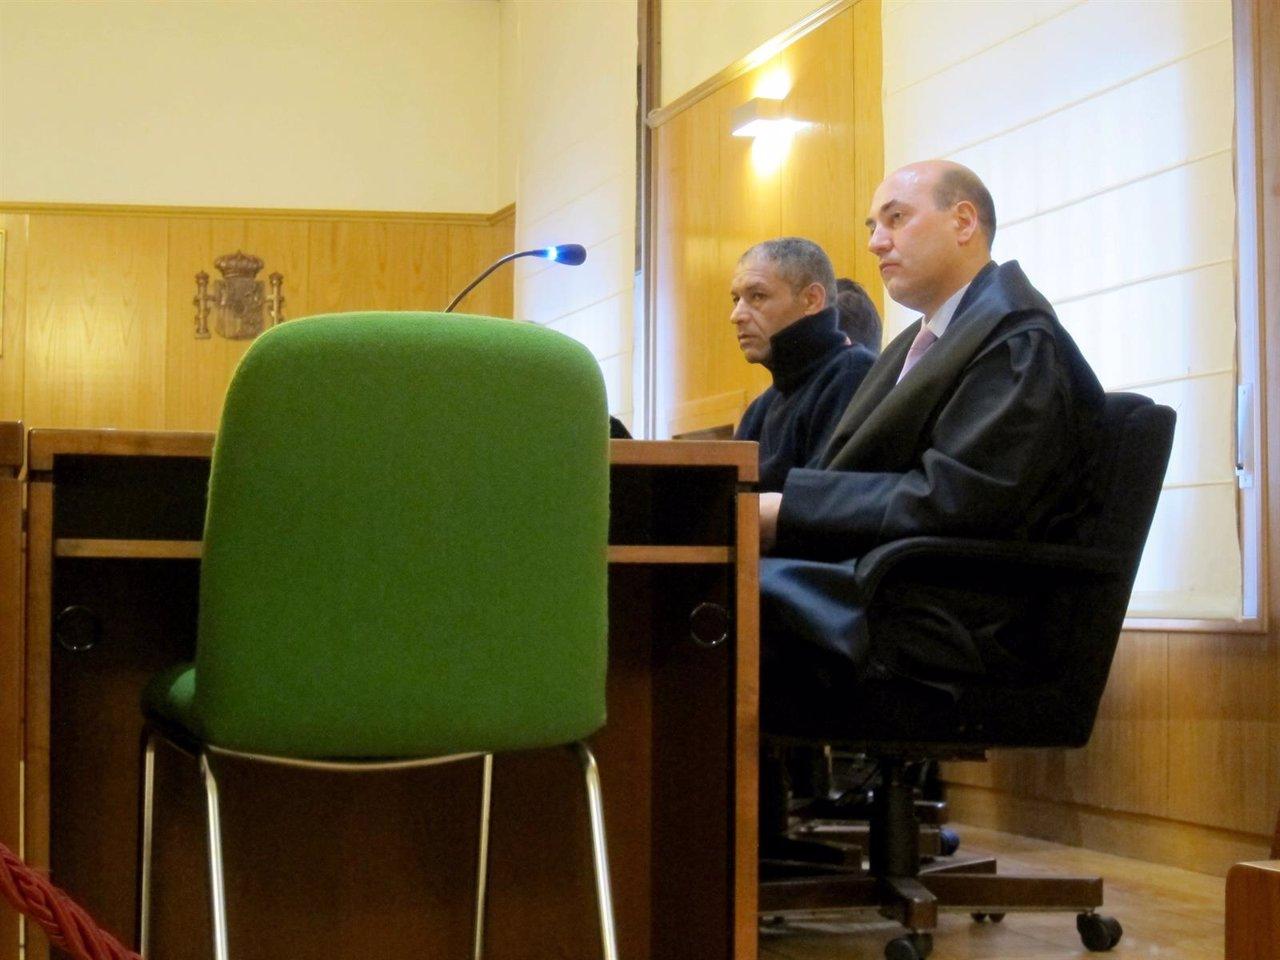 El procesado junto a su abogado defensor en la Audiencia de Valladolid.